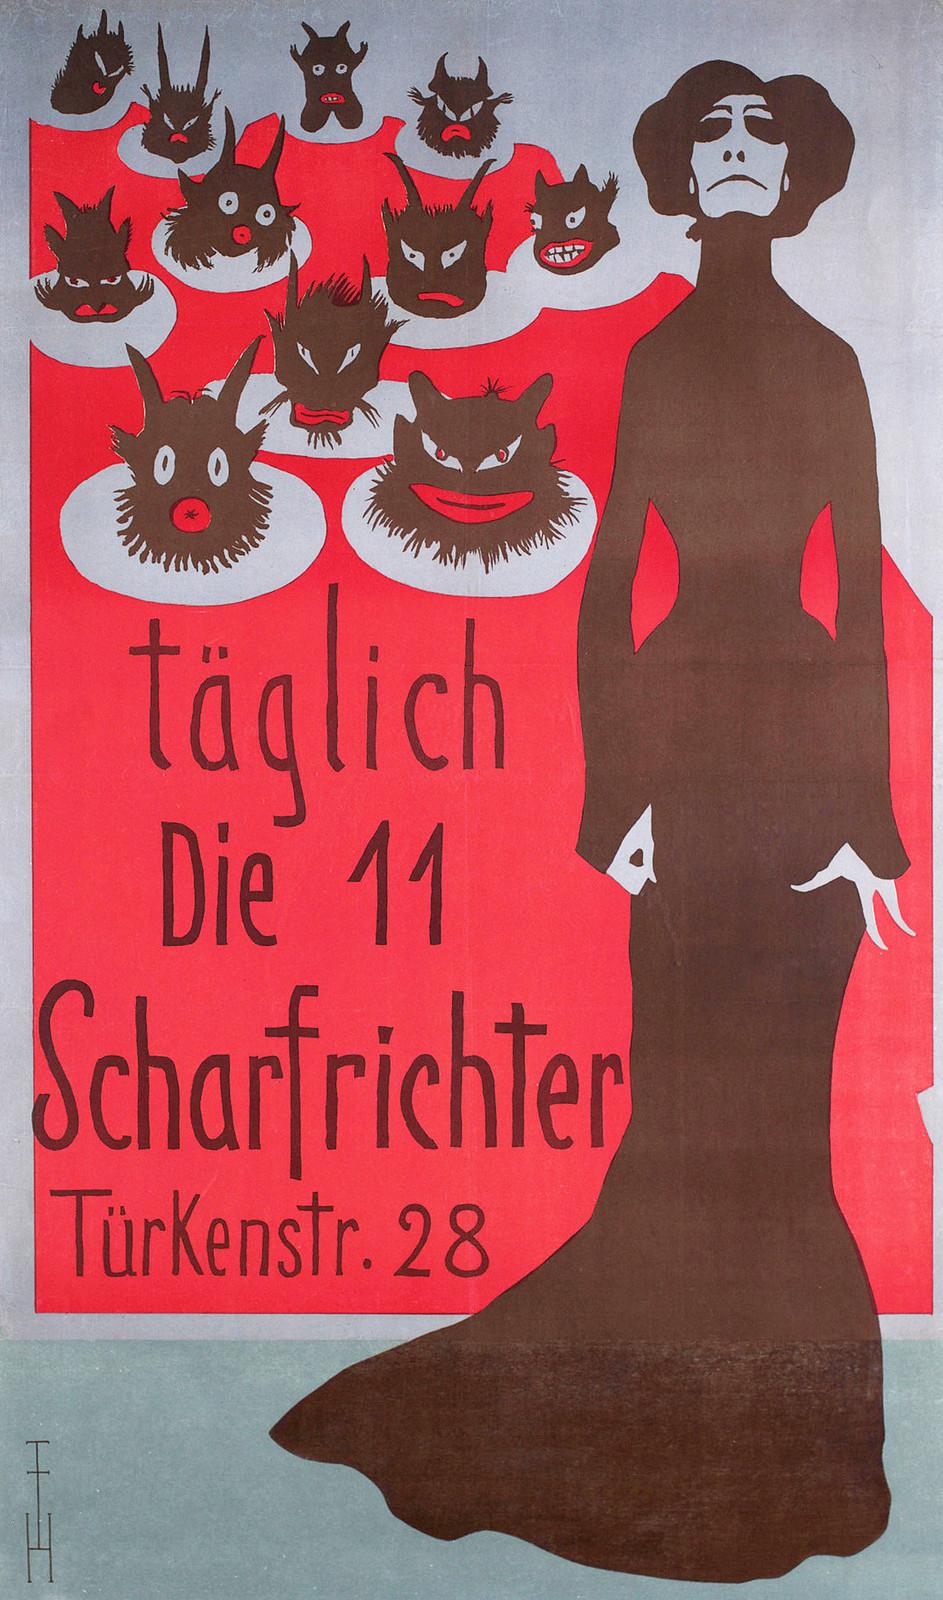 Thomas Theodor Heine - 'Die 11 Scharfrichter', 1901